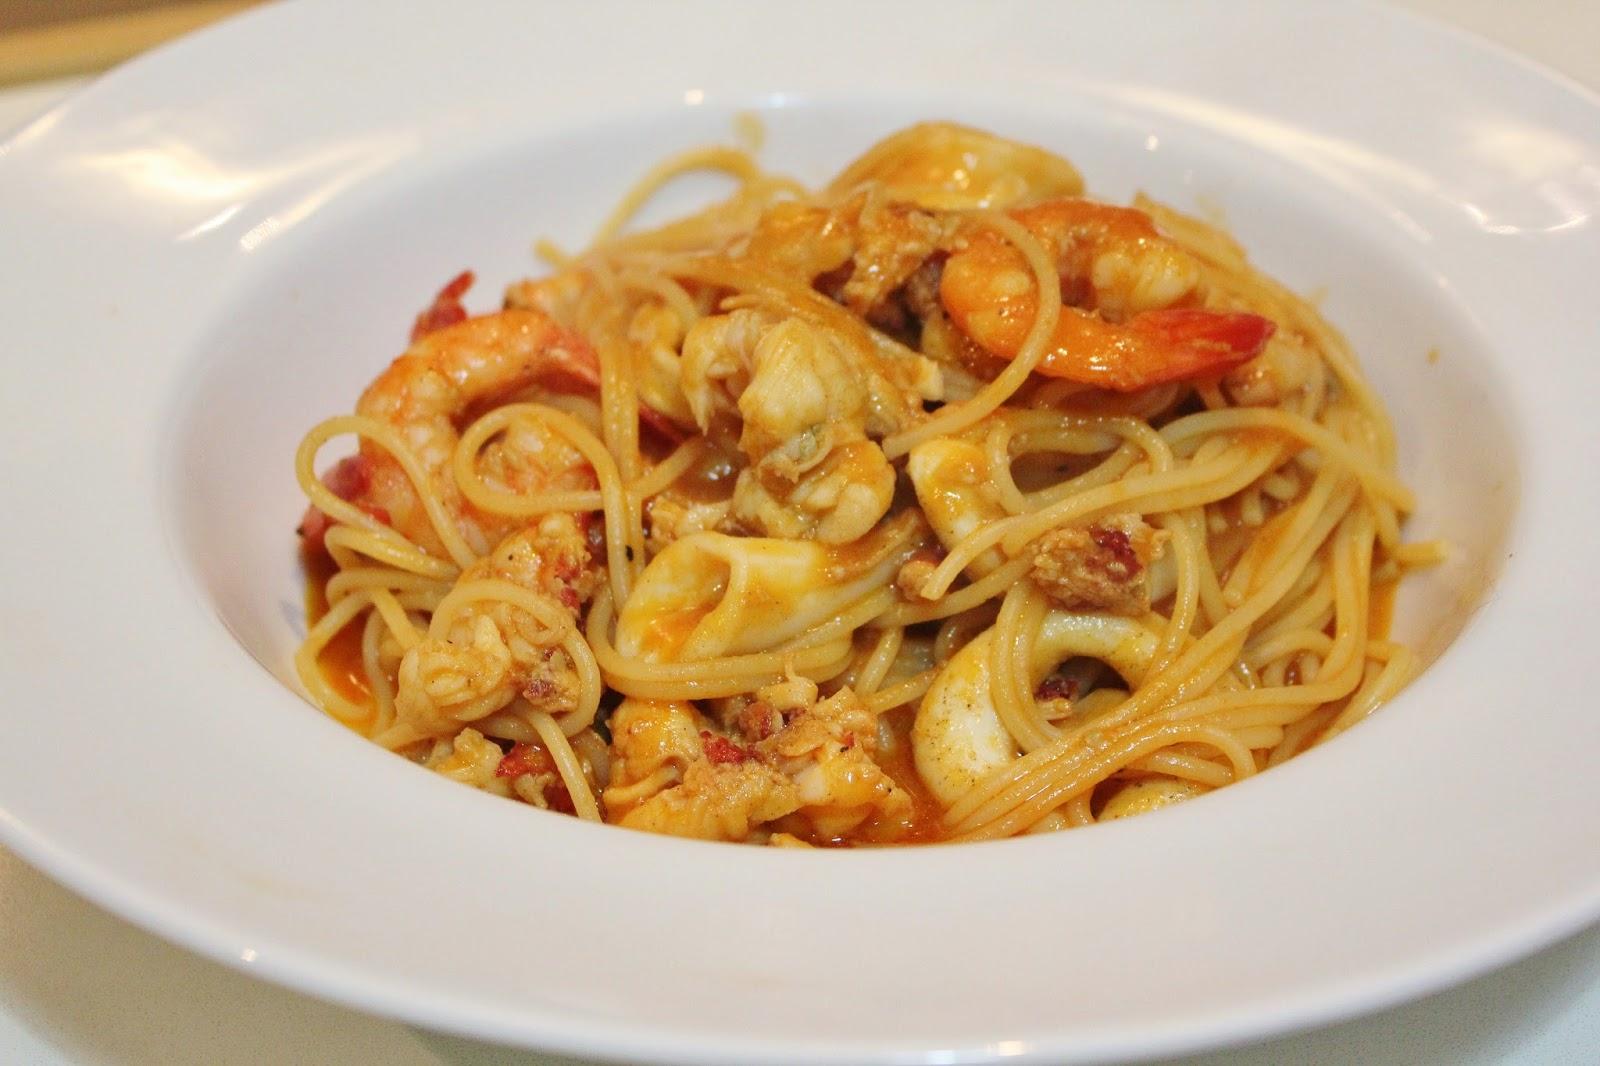 手執刀 The Cooking Surgeon: 龍蝦汁海鮮意粉 Seafood pasta with homemade lobster sauce